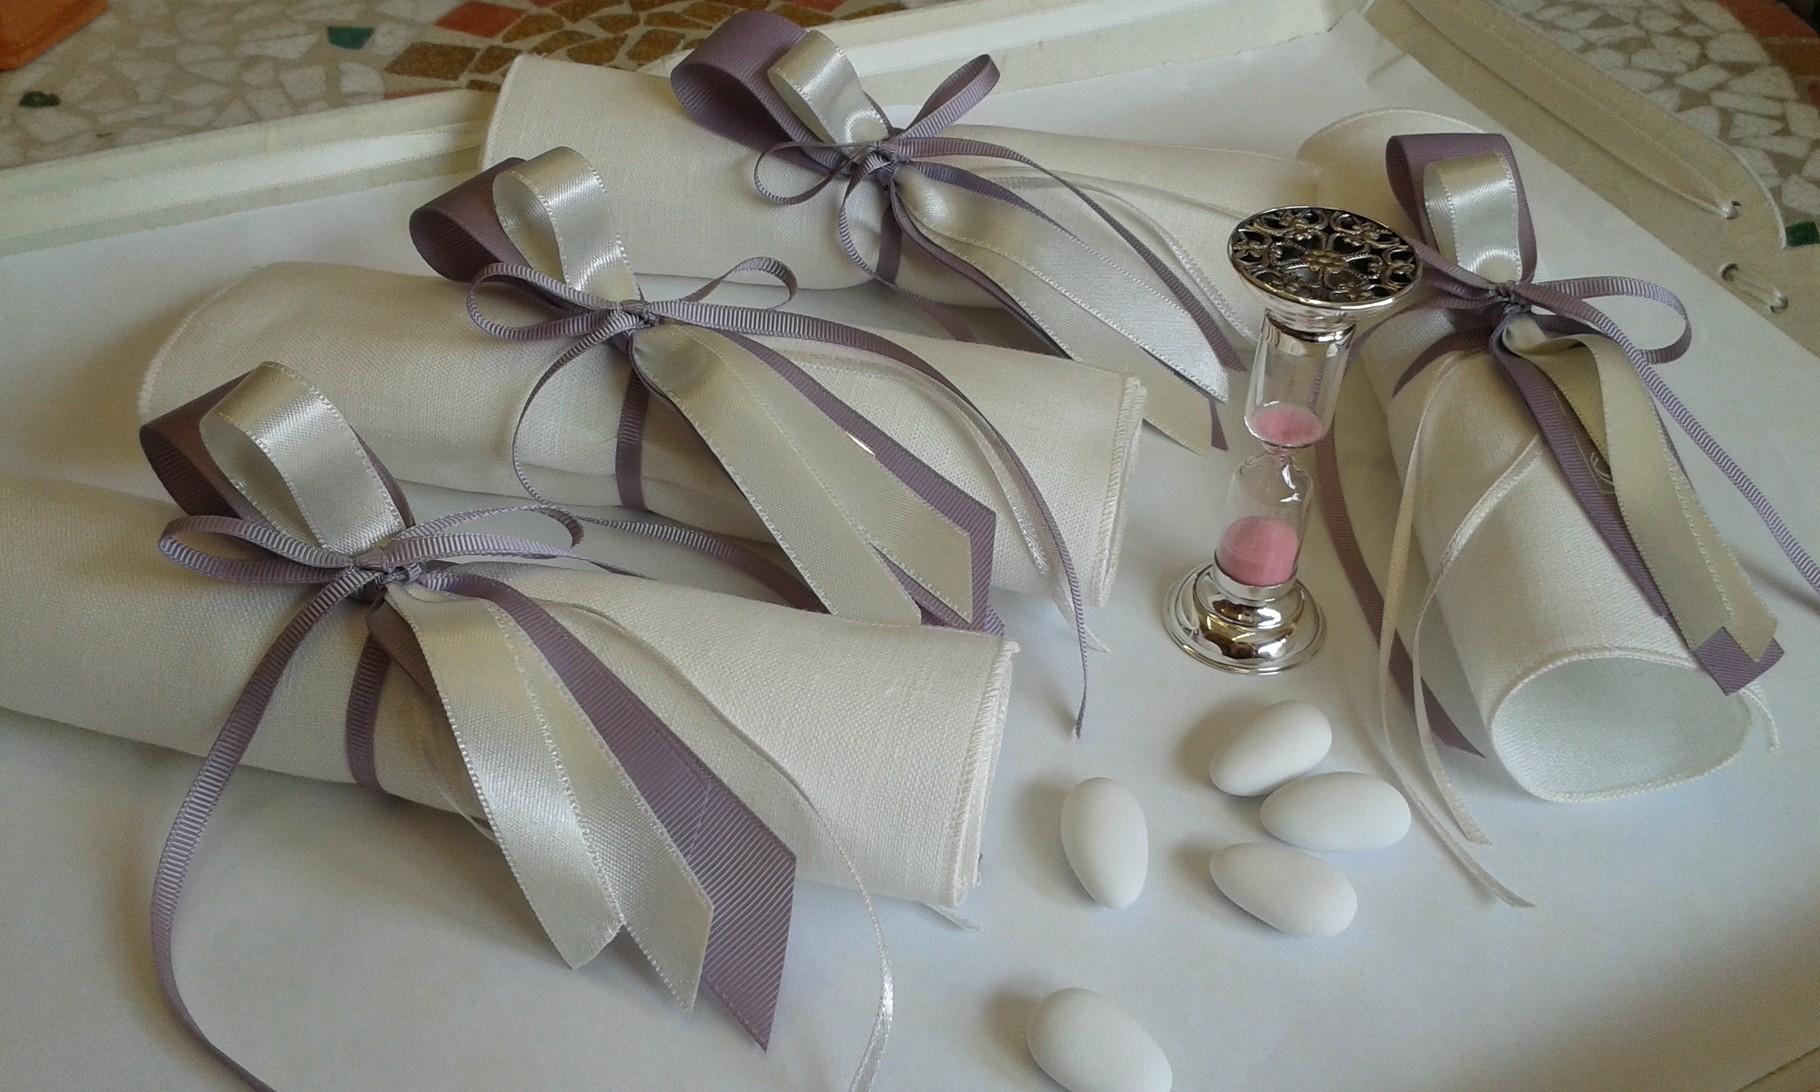 Candidi fazzoletti di lino avvolgono una piccola clessidra dono per gli ospiti della festa (oggetto fornito dal cliente)